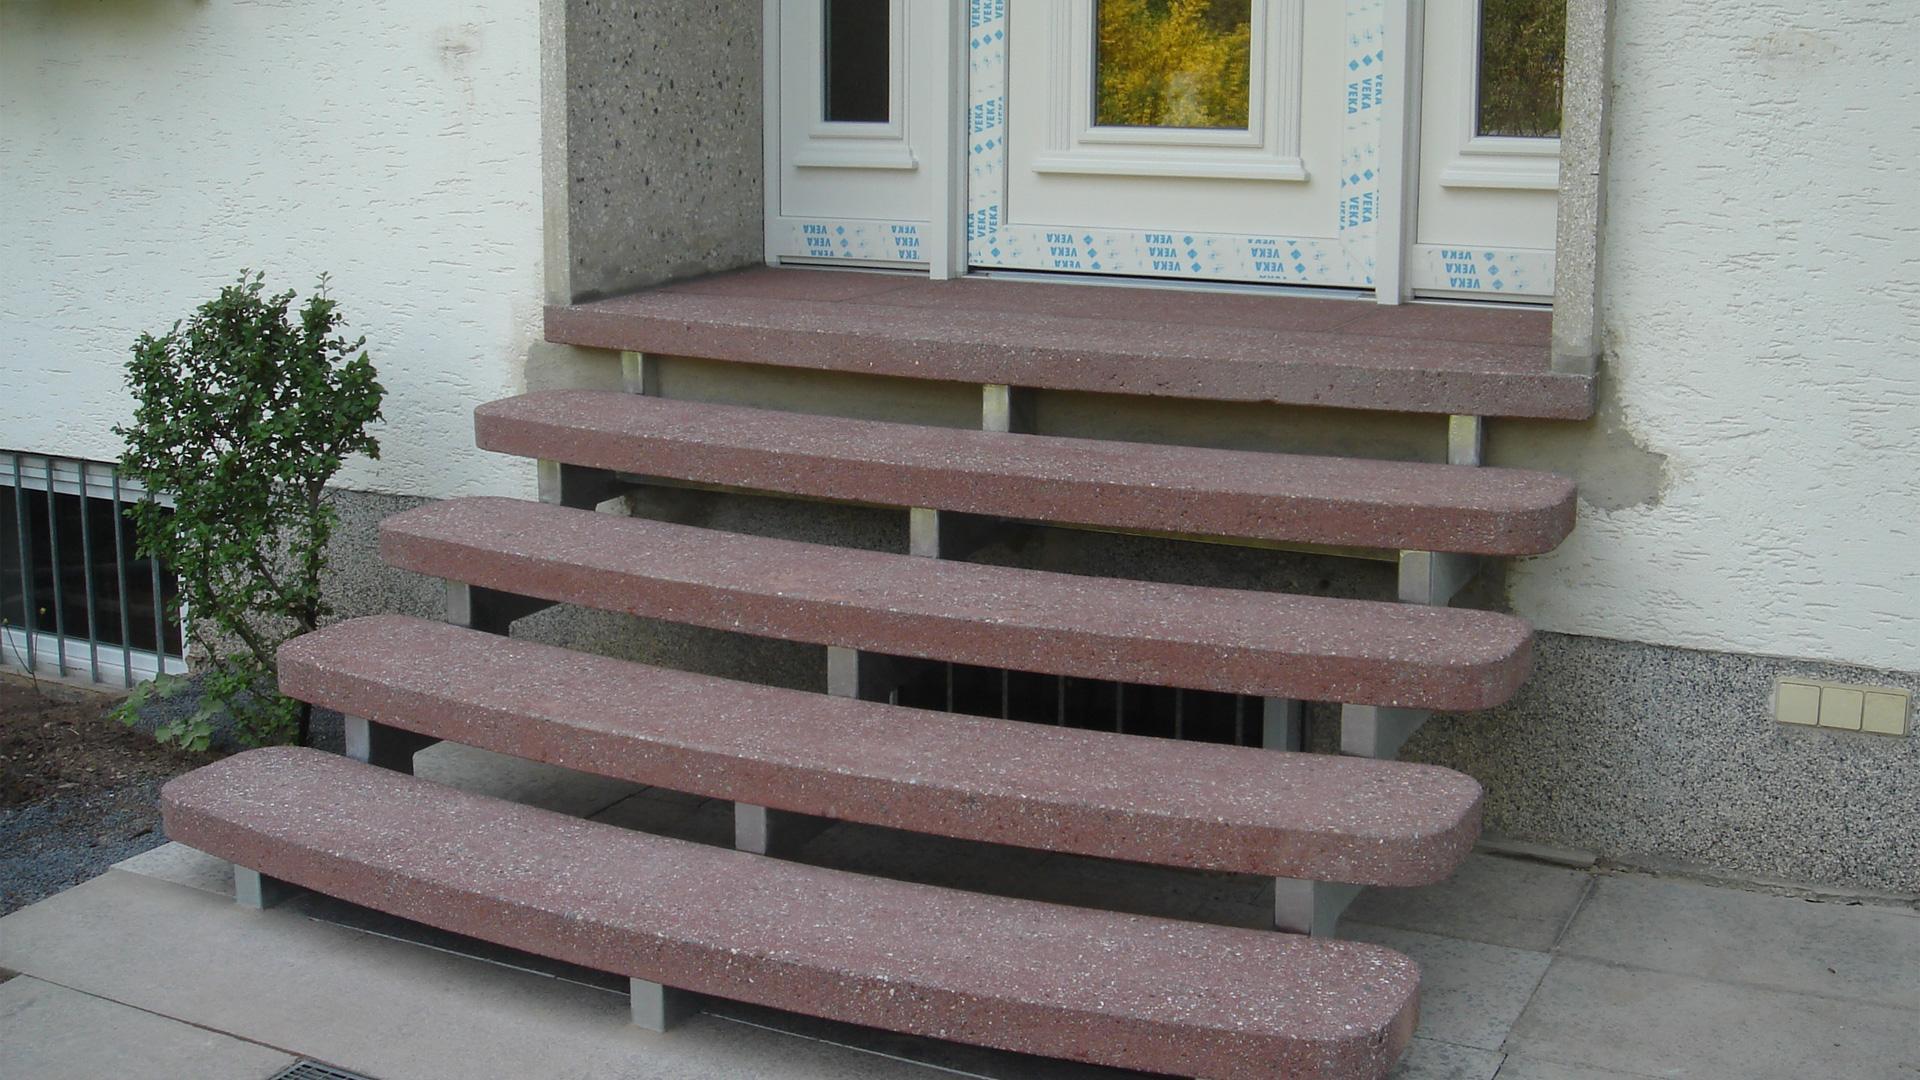 betontreppe aus betonwerkstein als trittplatten vorher nachher wagner treppenbau mainleus. Black Bedroom Furniture Sets. Home Design Ideas